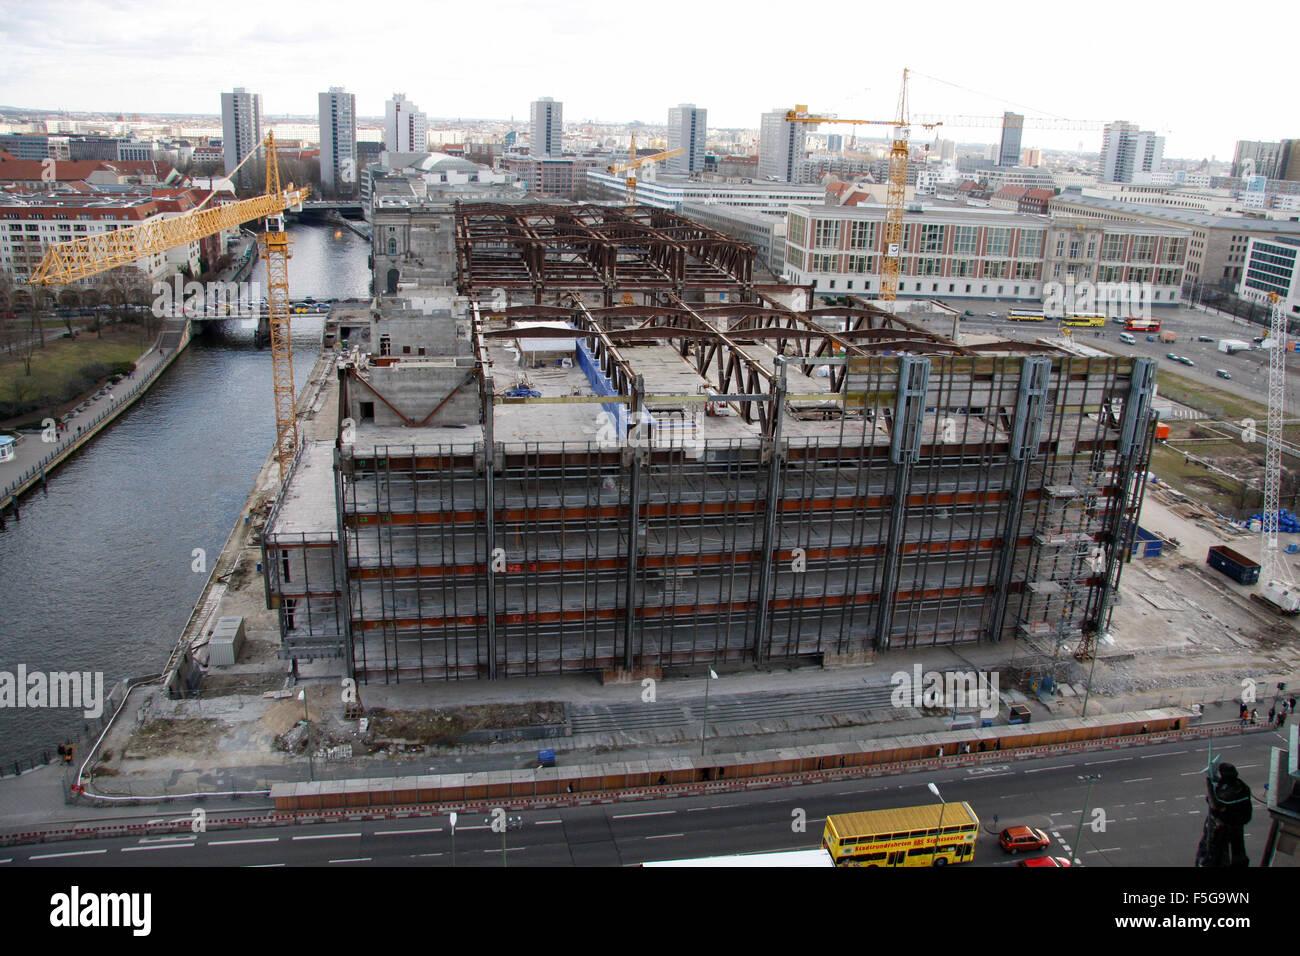 die Ueberbleibseln des Palastes der Republik, Anfang Maerz 08, Berlin-Mitte. - Stock Image